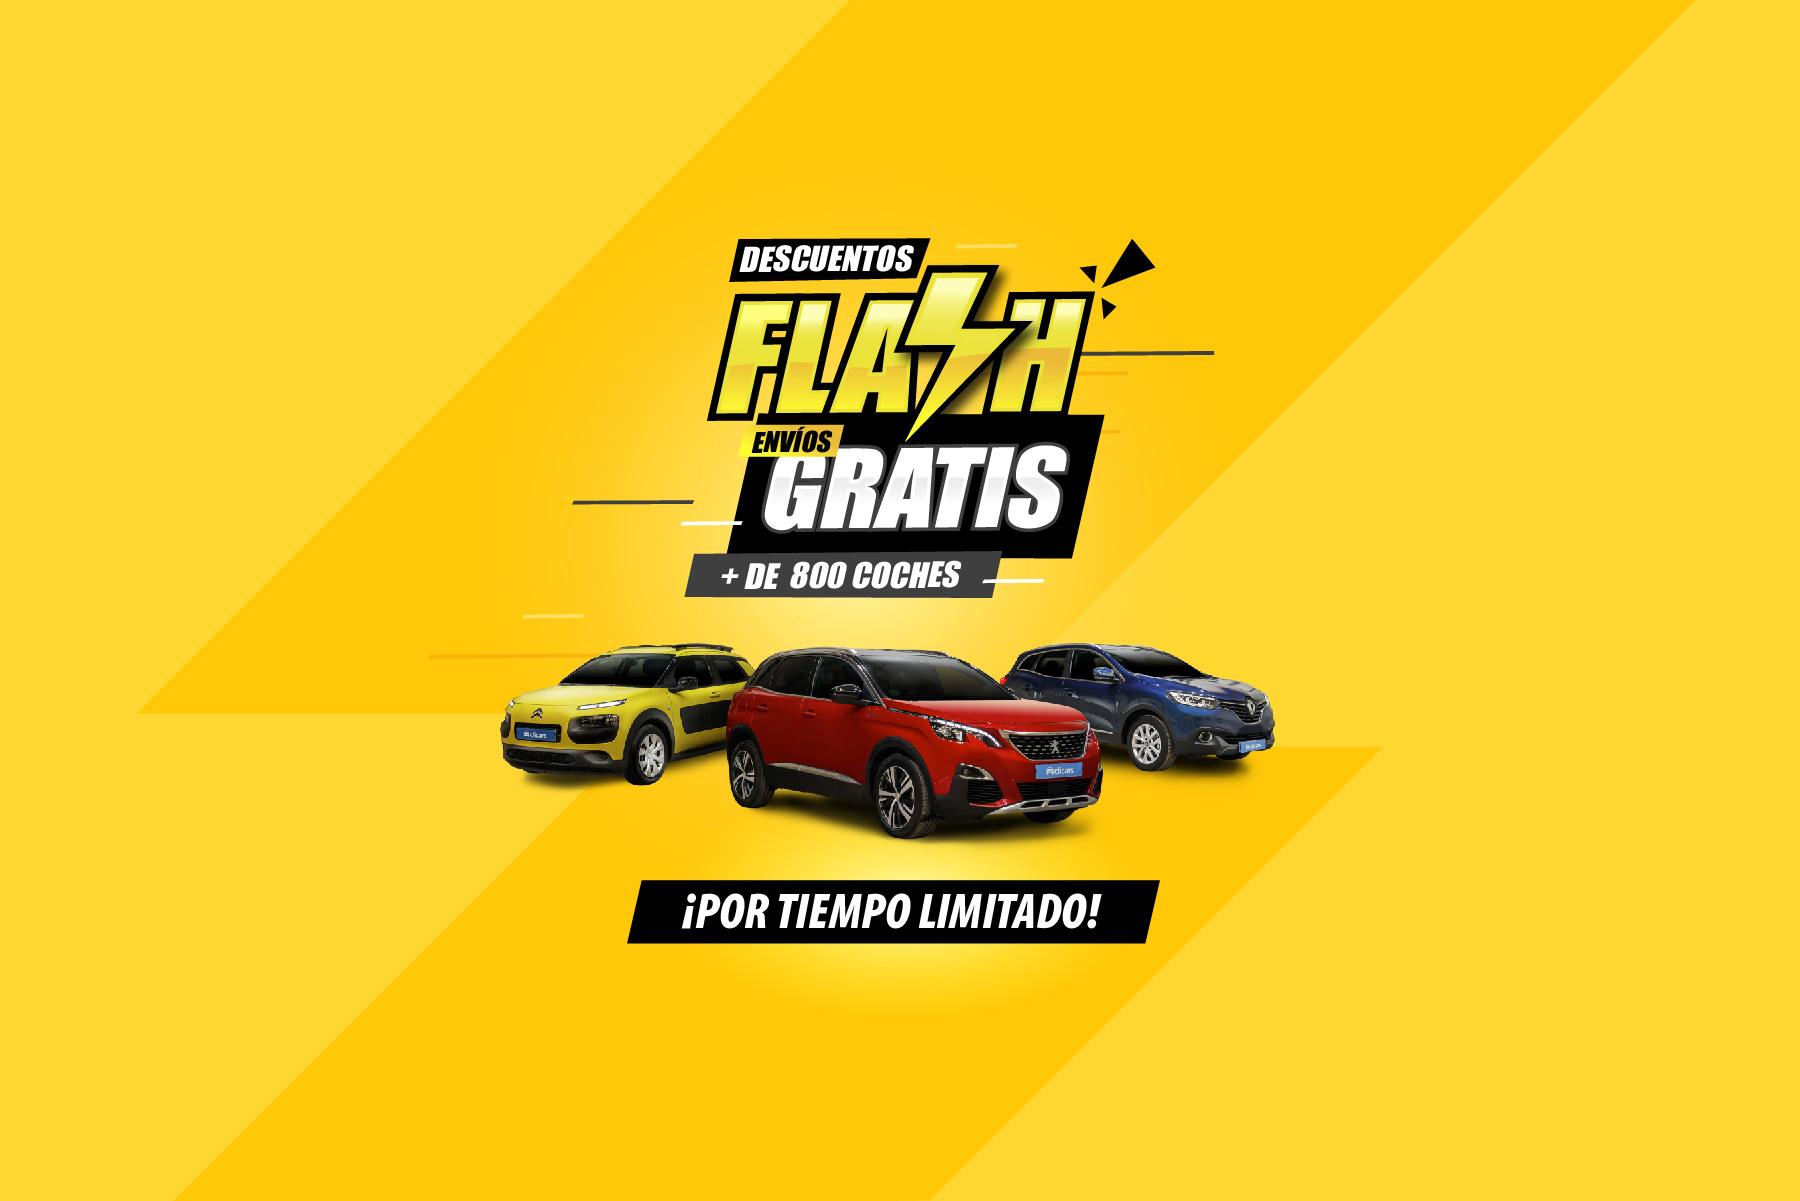 Ford C-Max Gasolina 1.0 EcoBoost 92kW (125CV) Titanium 2